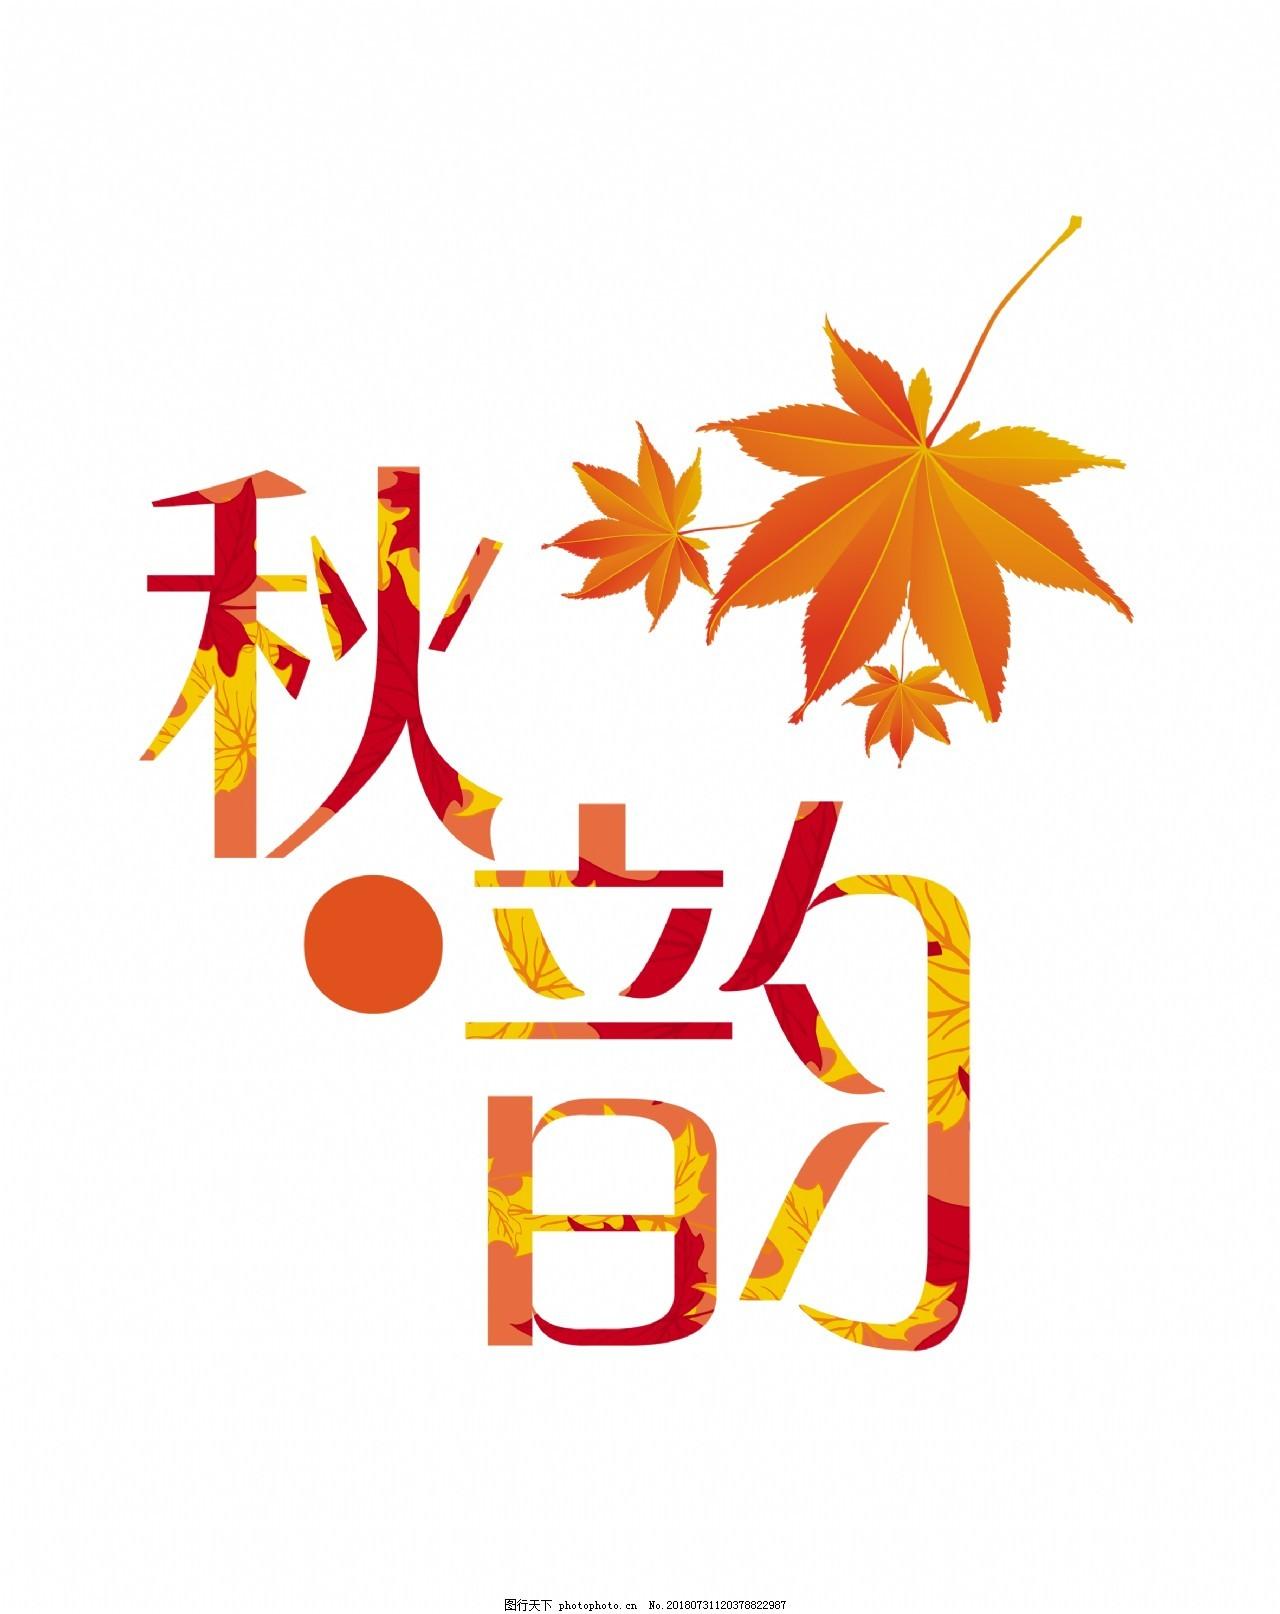 字体重点难点字秋韵分析秋季秋天幼儿园建筑设计树叶艺术设计图片